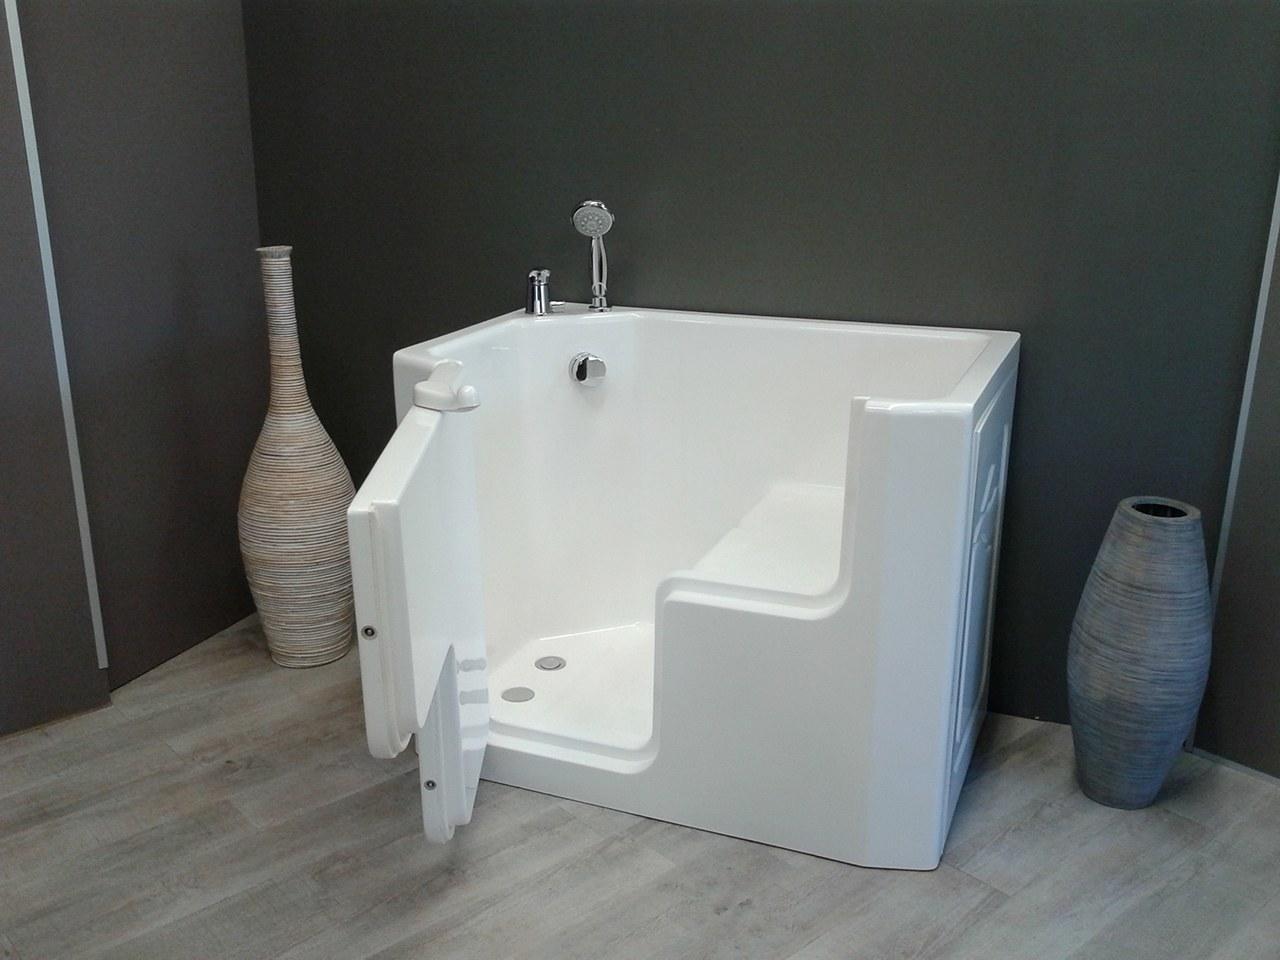 Vasca doccia per anziani e disabili ad accesso diretto - Vasca da bagno piccola con seduta ...